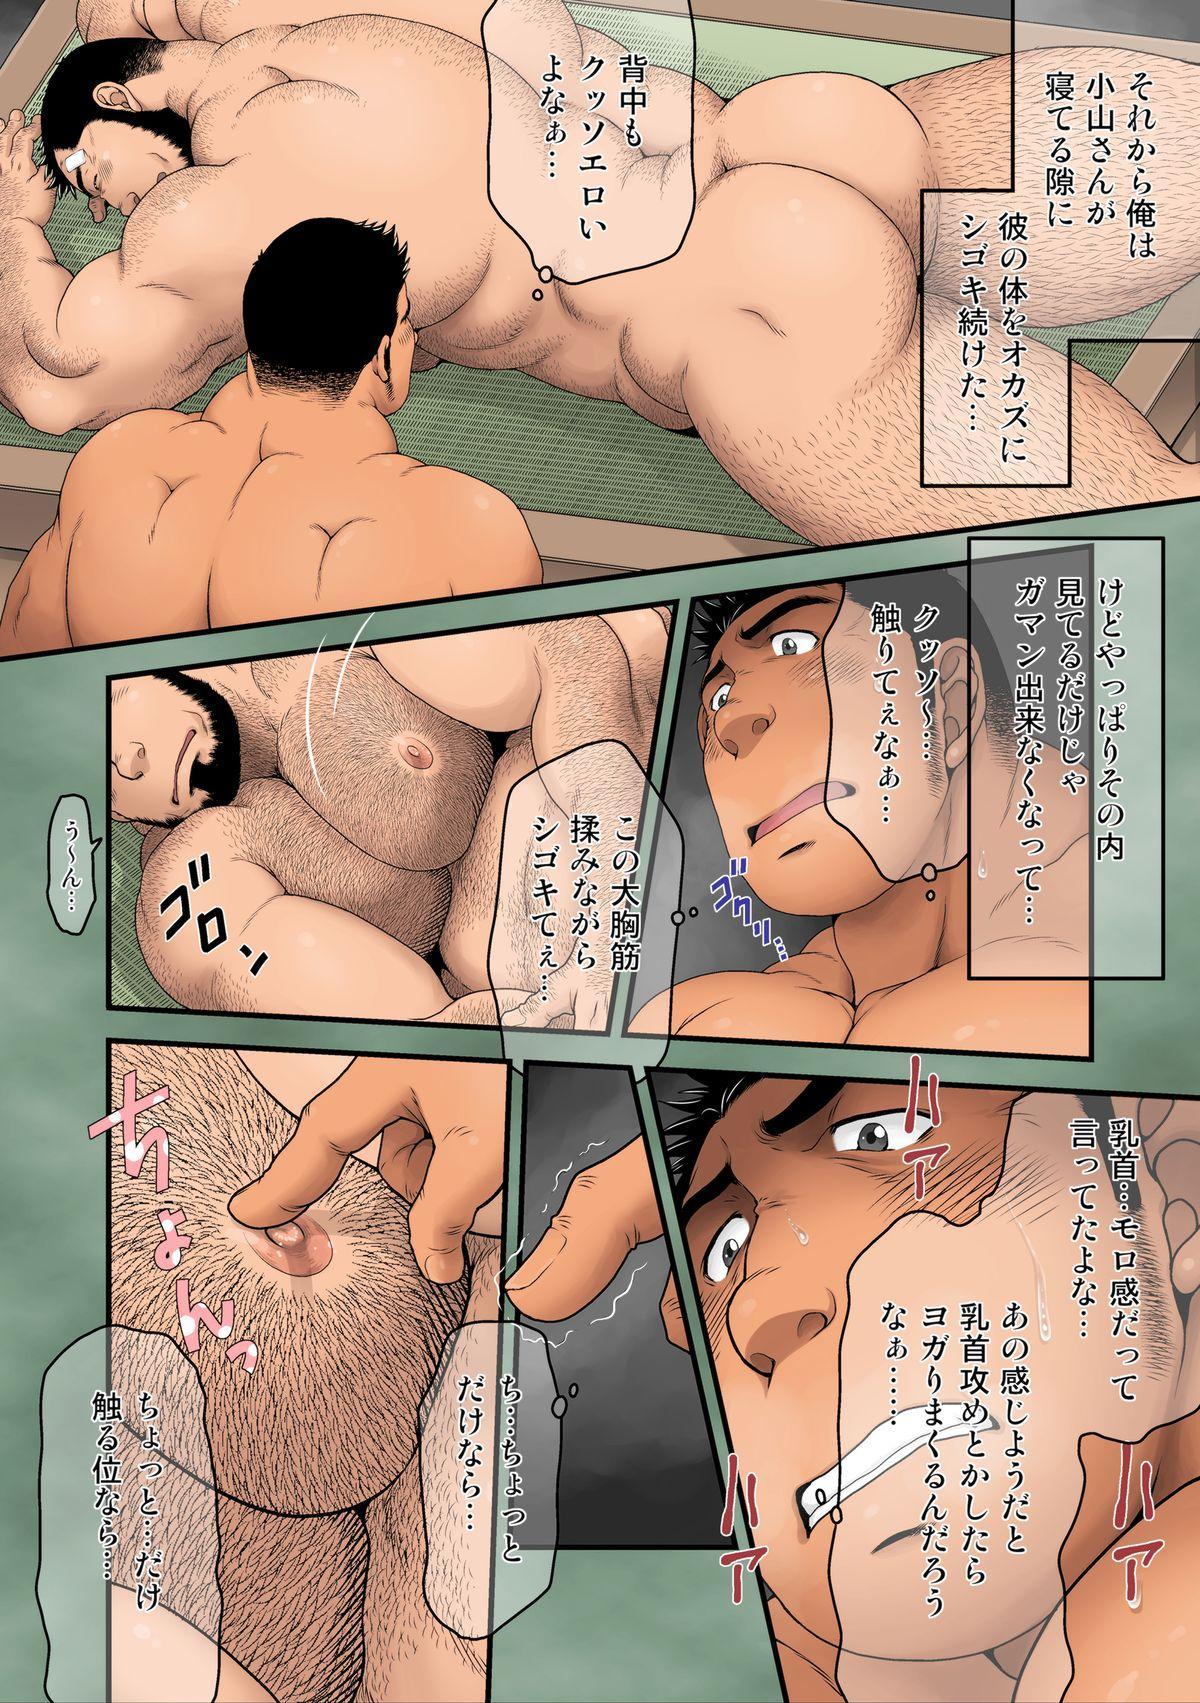 Ano Natsu Ichiban Shizuka na Umi 13